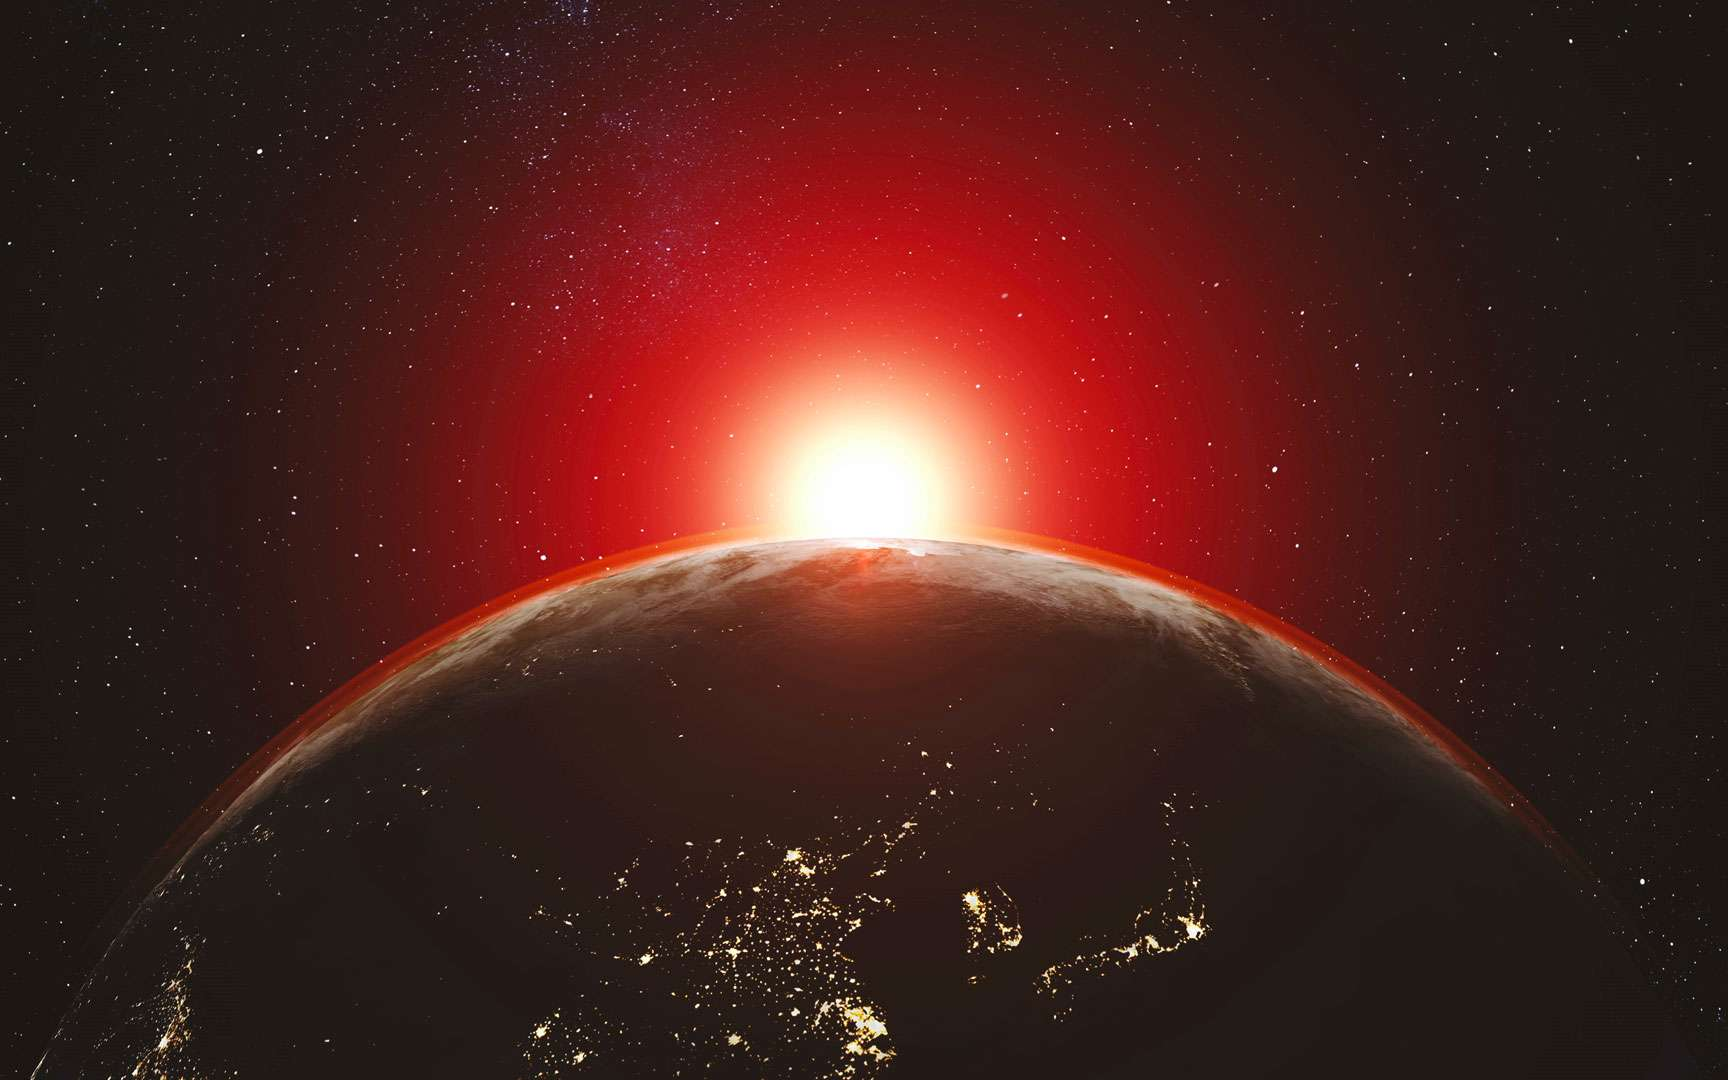 La Terre vue depuis l'espace en orbite autour du Soleil ©goinyk, Envato Elements